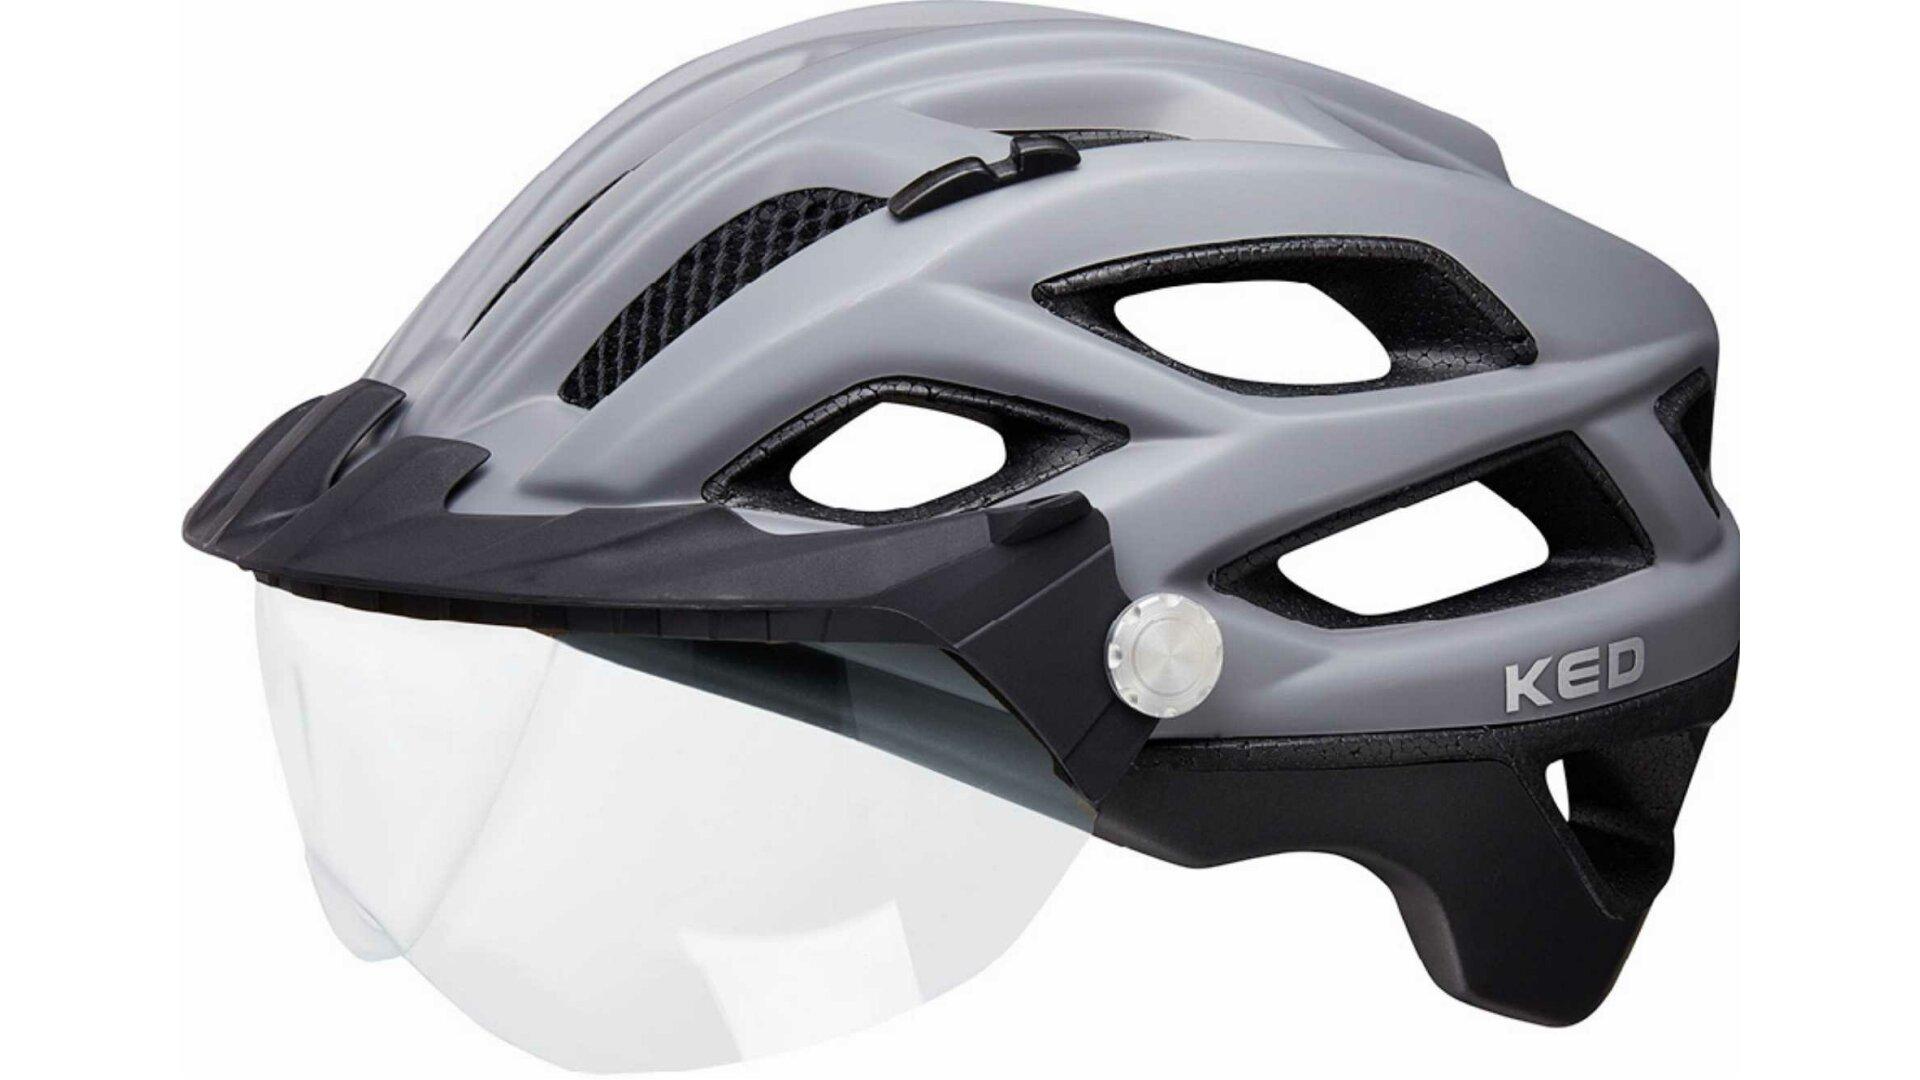 KED Covis Lite Helm Silver Black matt 2020 Fahrradhelm